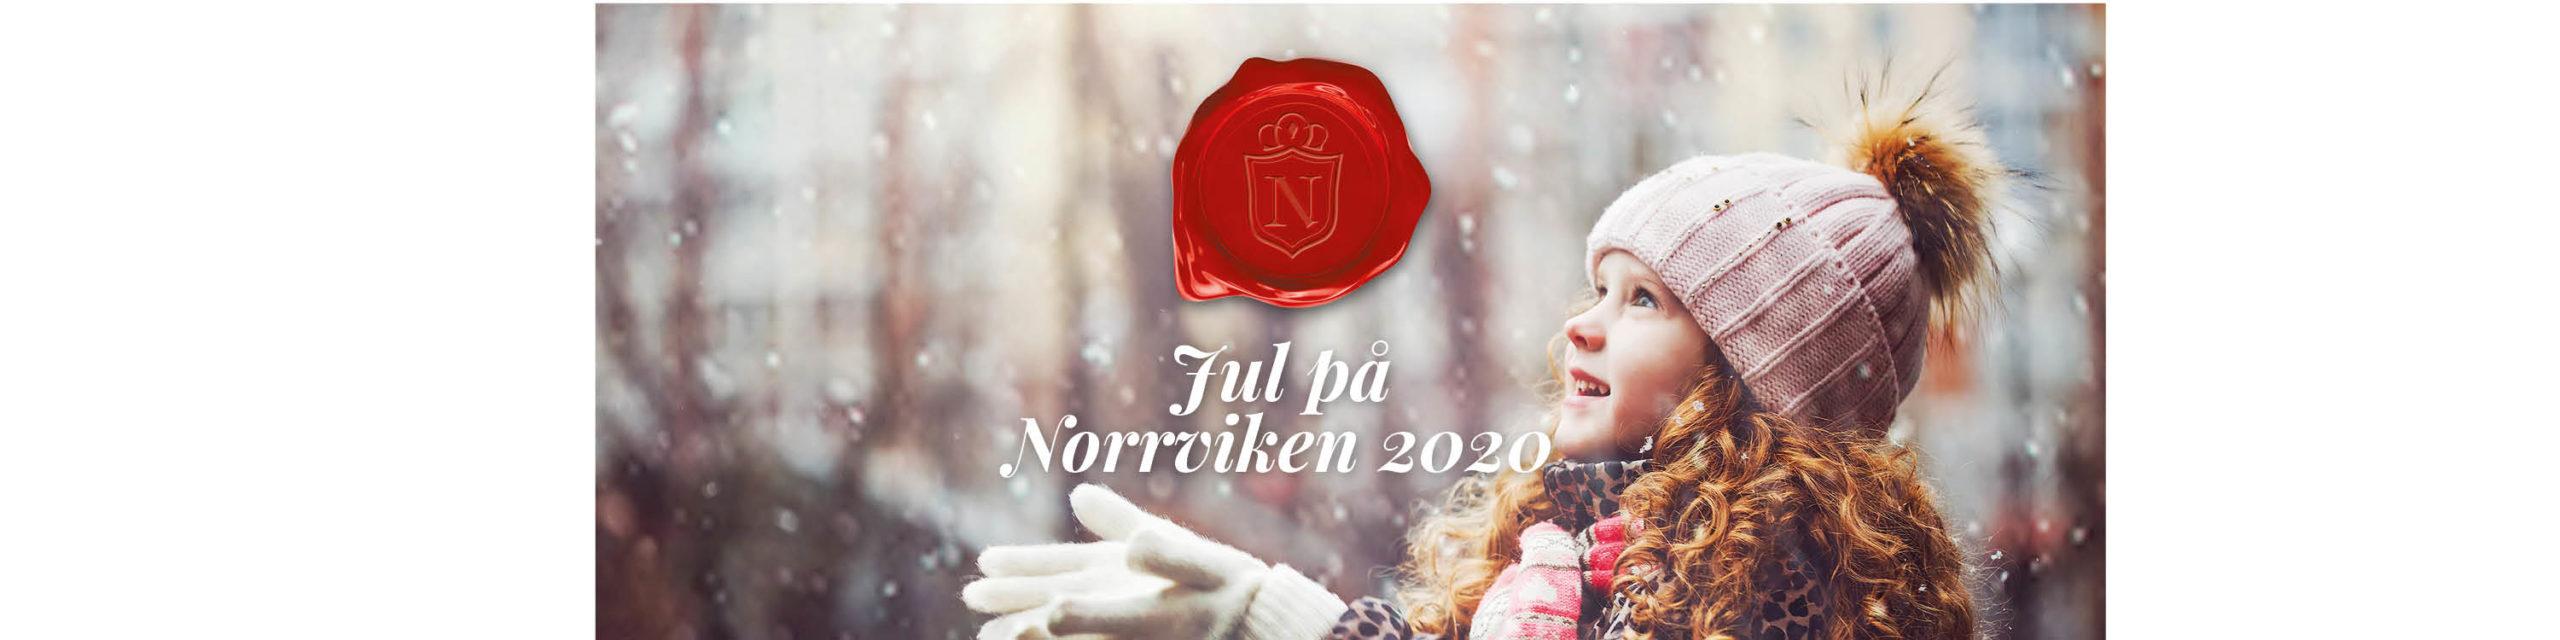 Jul på Norrviken